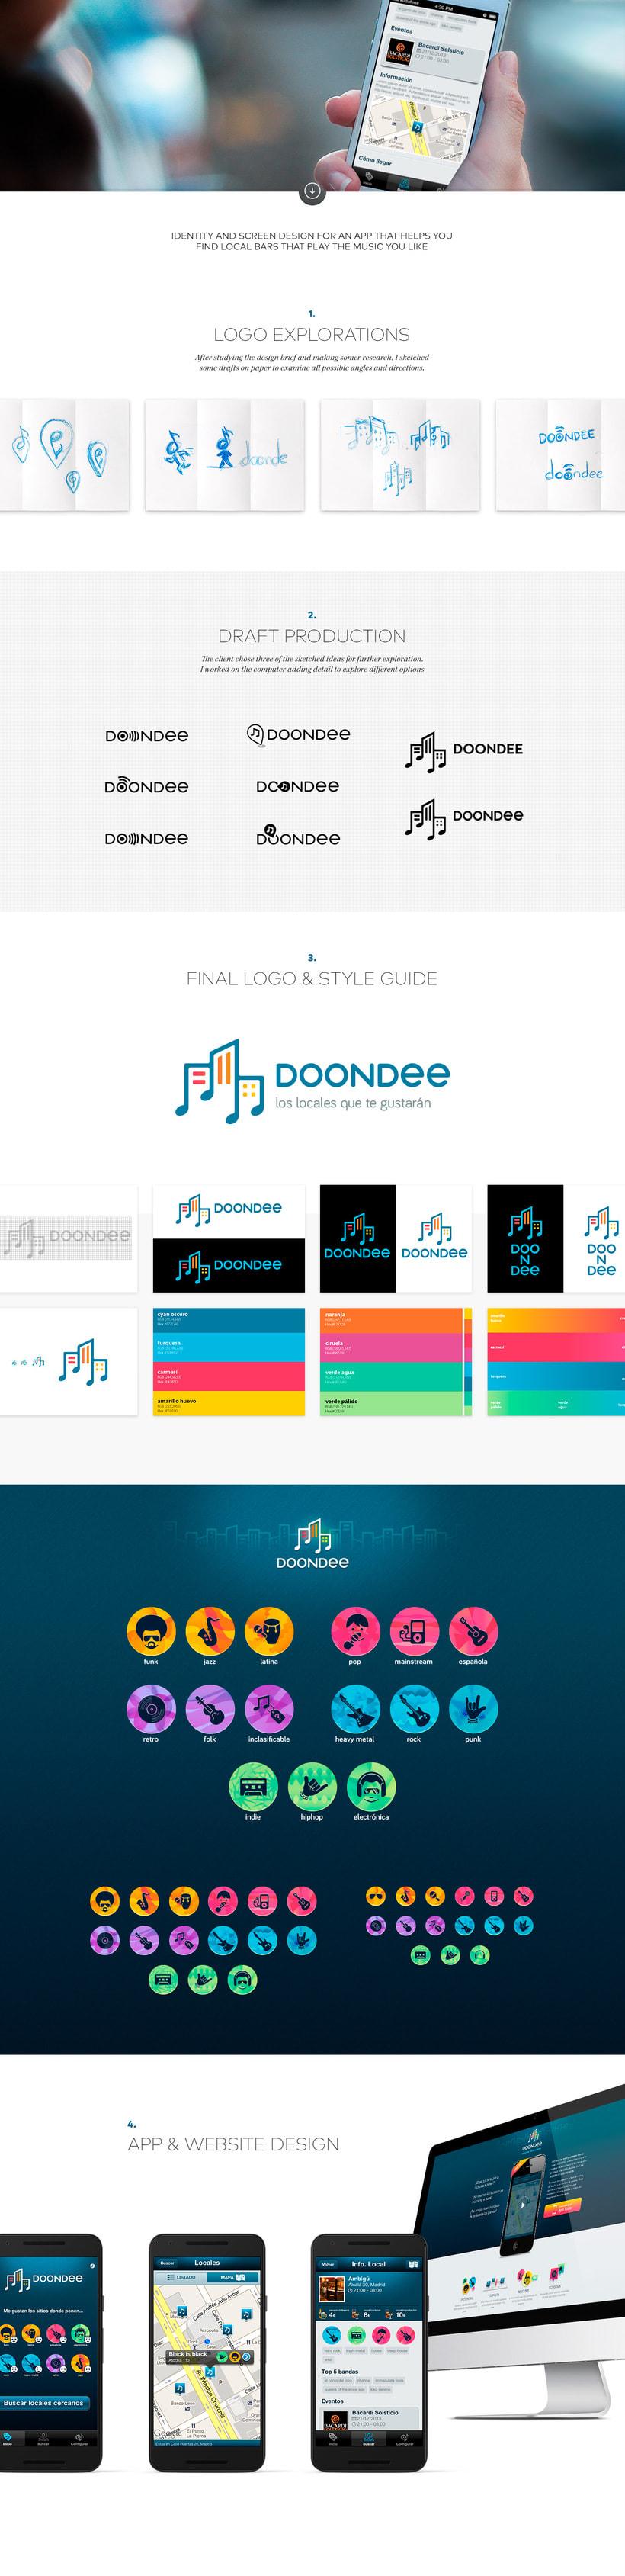 DOONDEE 0